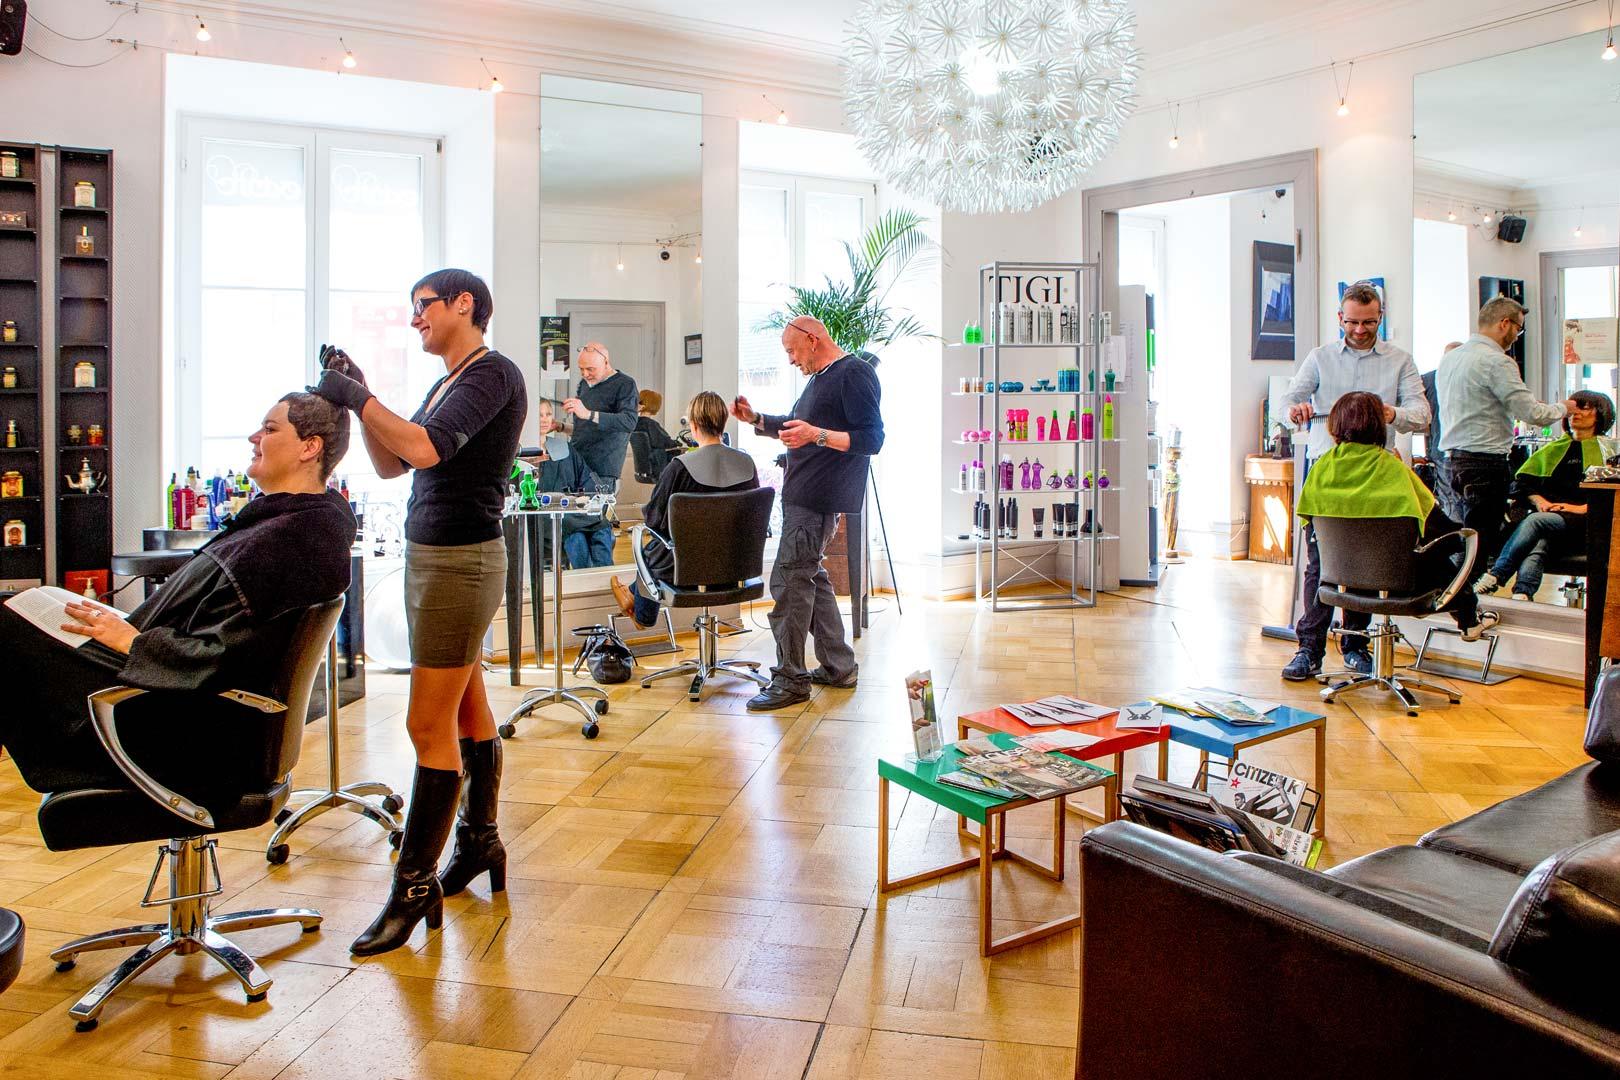 Extatic - Salon de coiffure / Beauté / Bien être